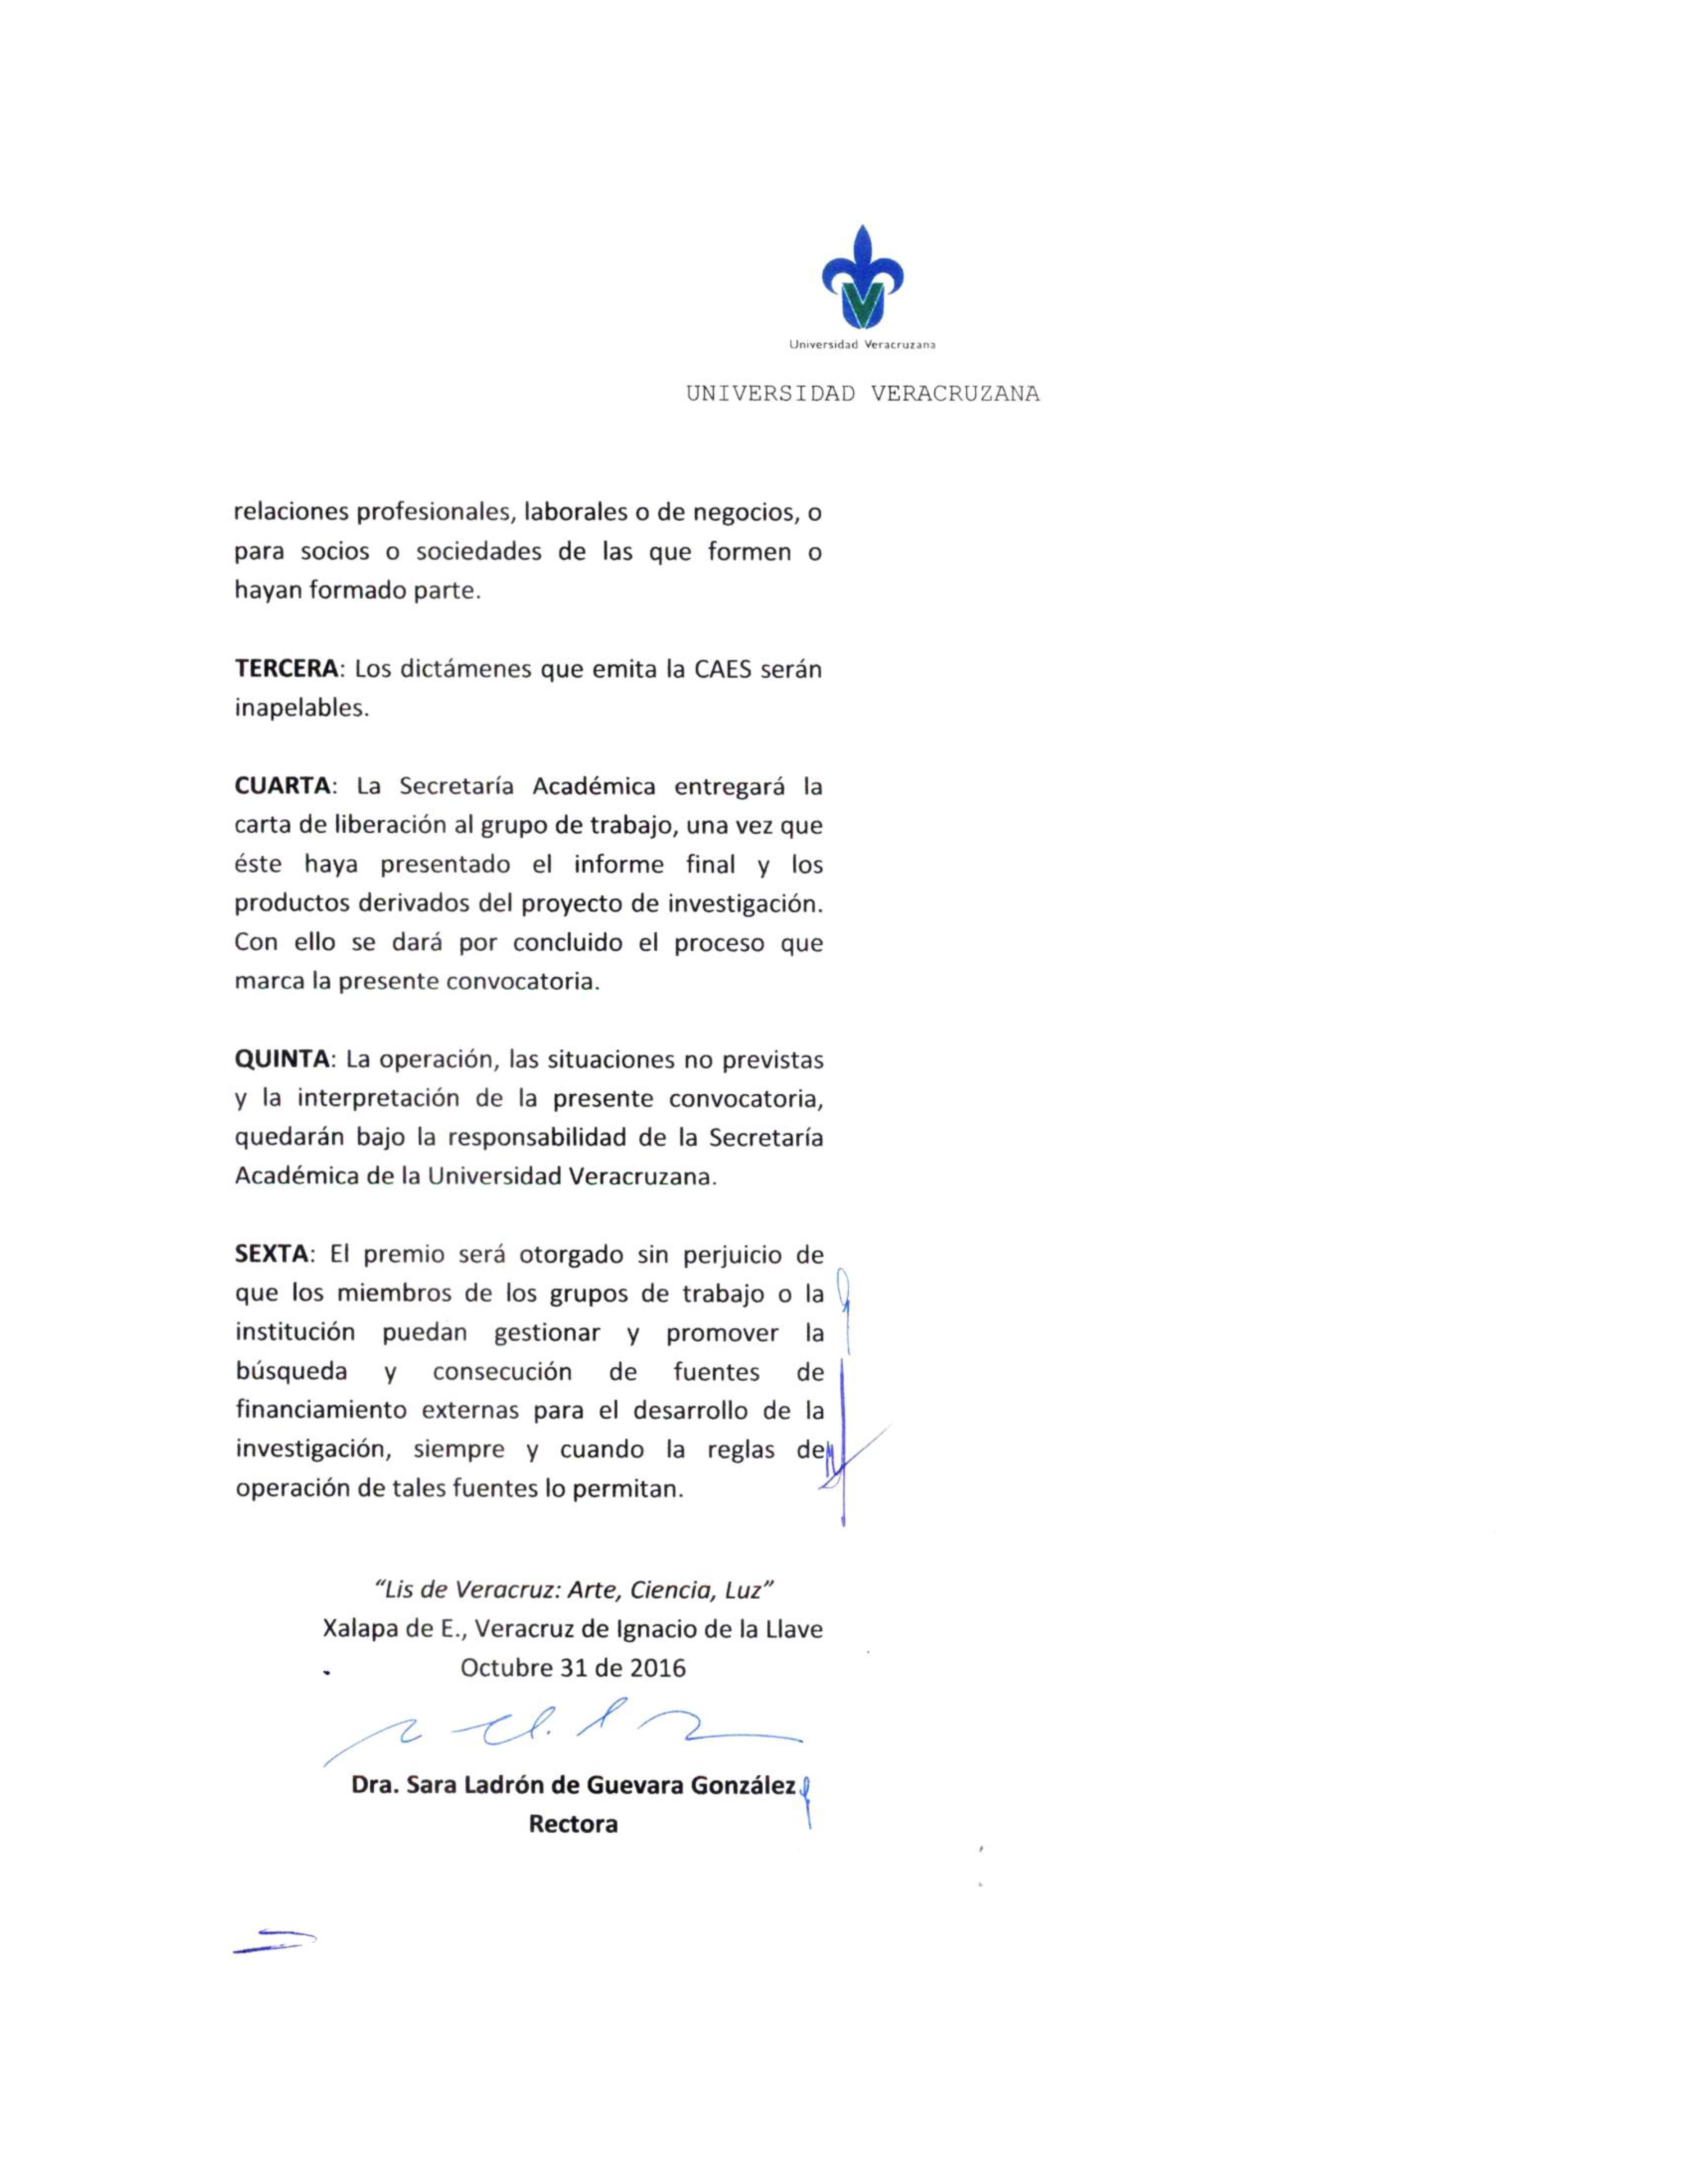 Convocatoria sunat 2016 convocatoria vigentes 2016 for Convocatoria profesores 2016